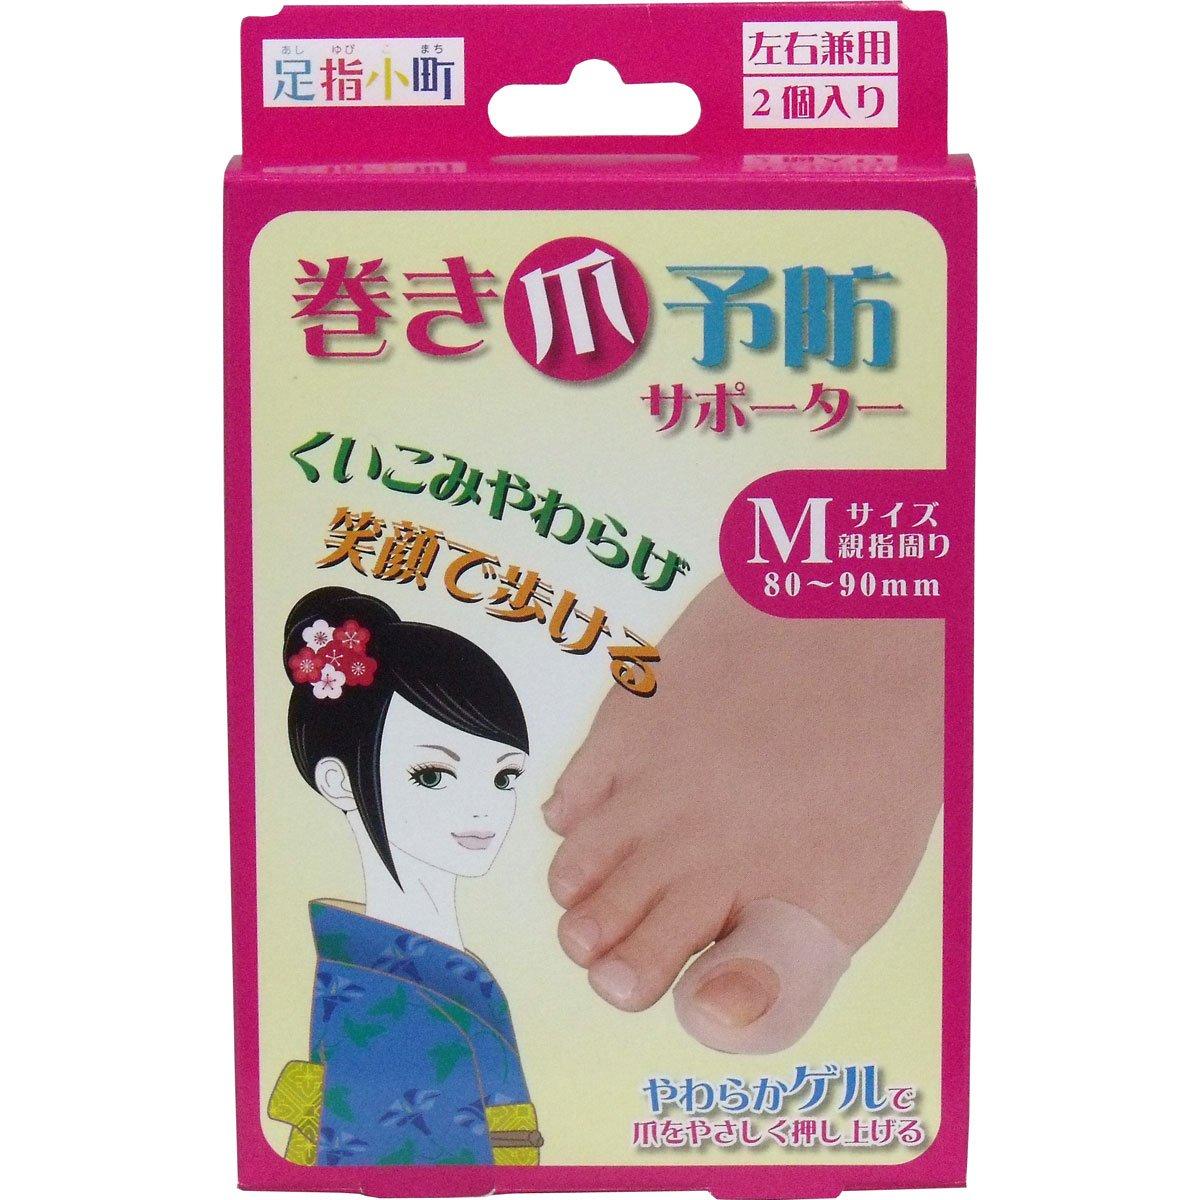 足指小町 巻き爪予防サポーター 足親指用 左右兼用 2個入 Mサイズ (親指まわり80~90mm)